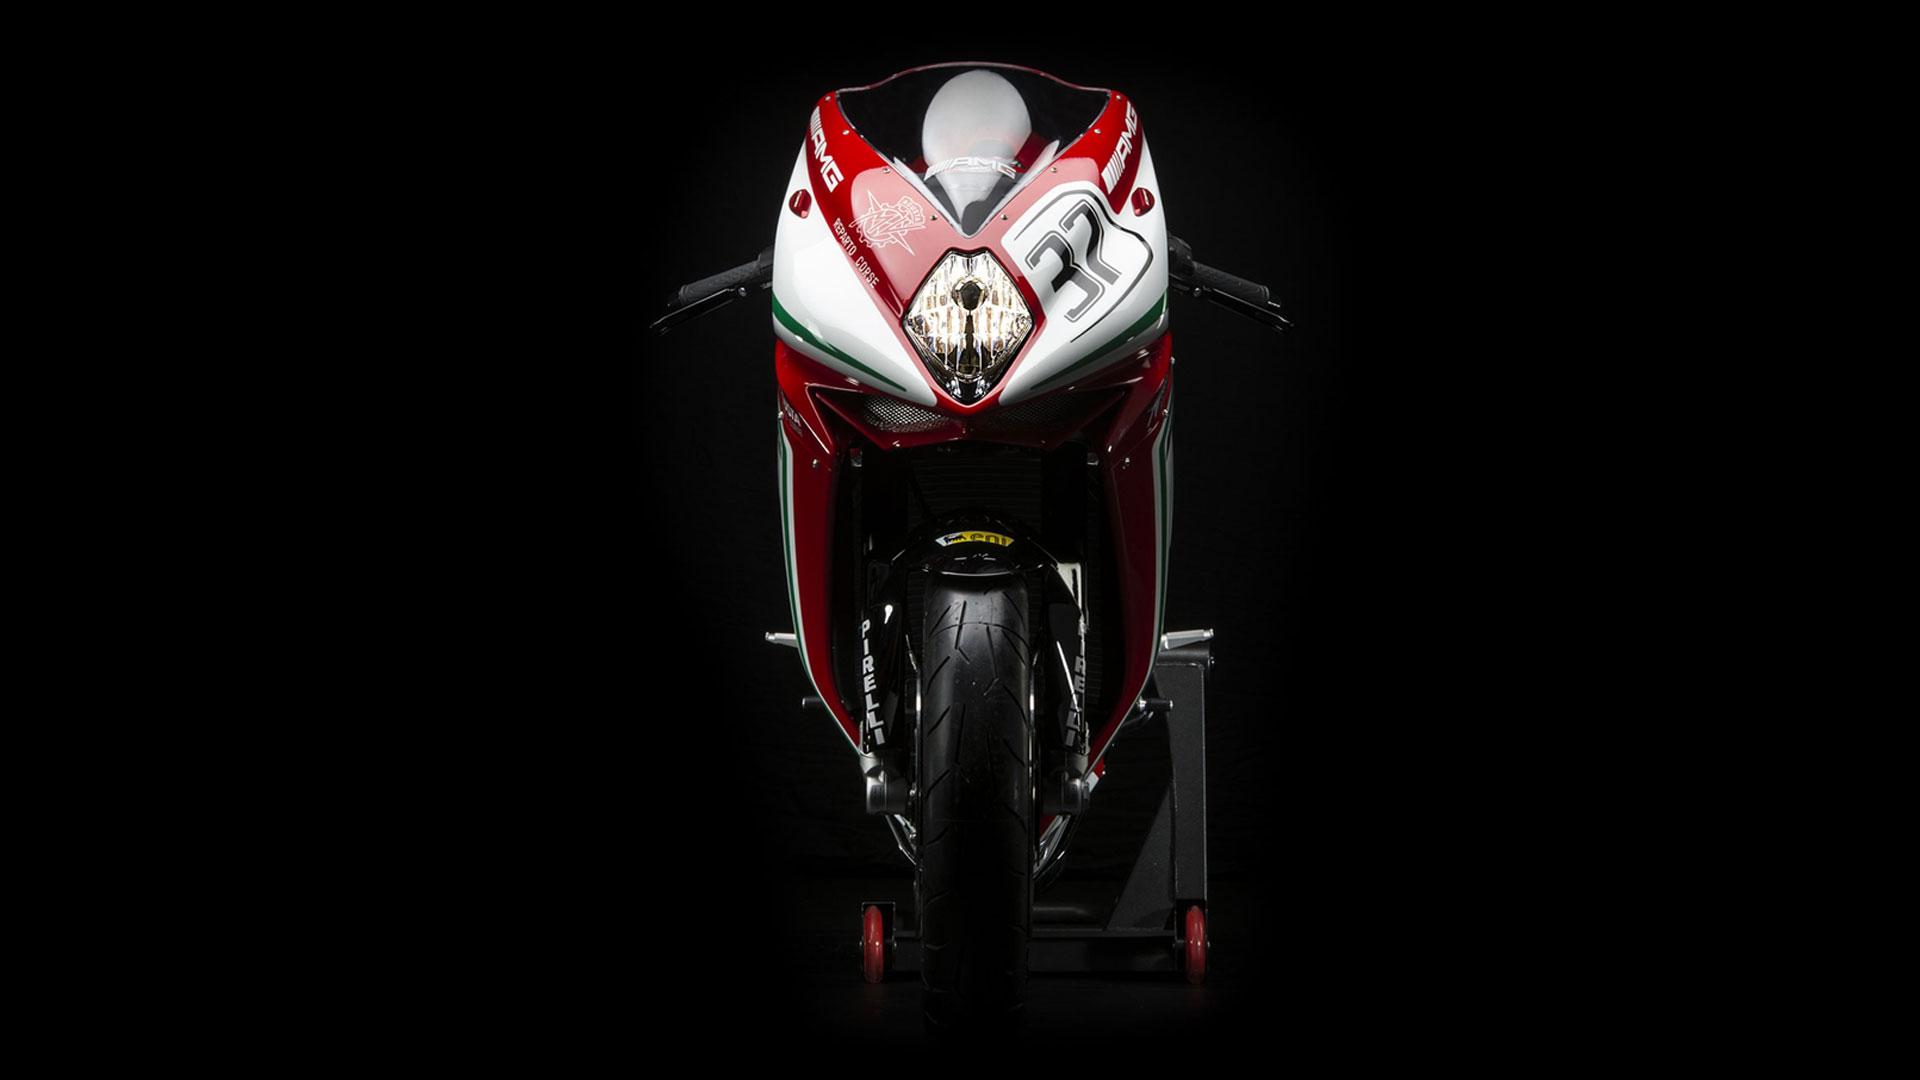 MV Agusta F3 2016 800 RC